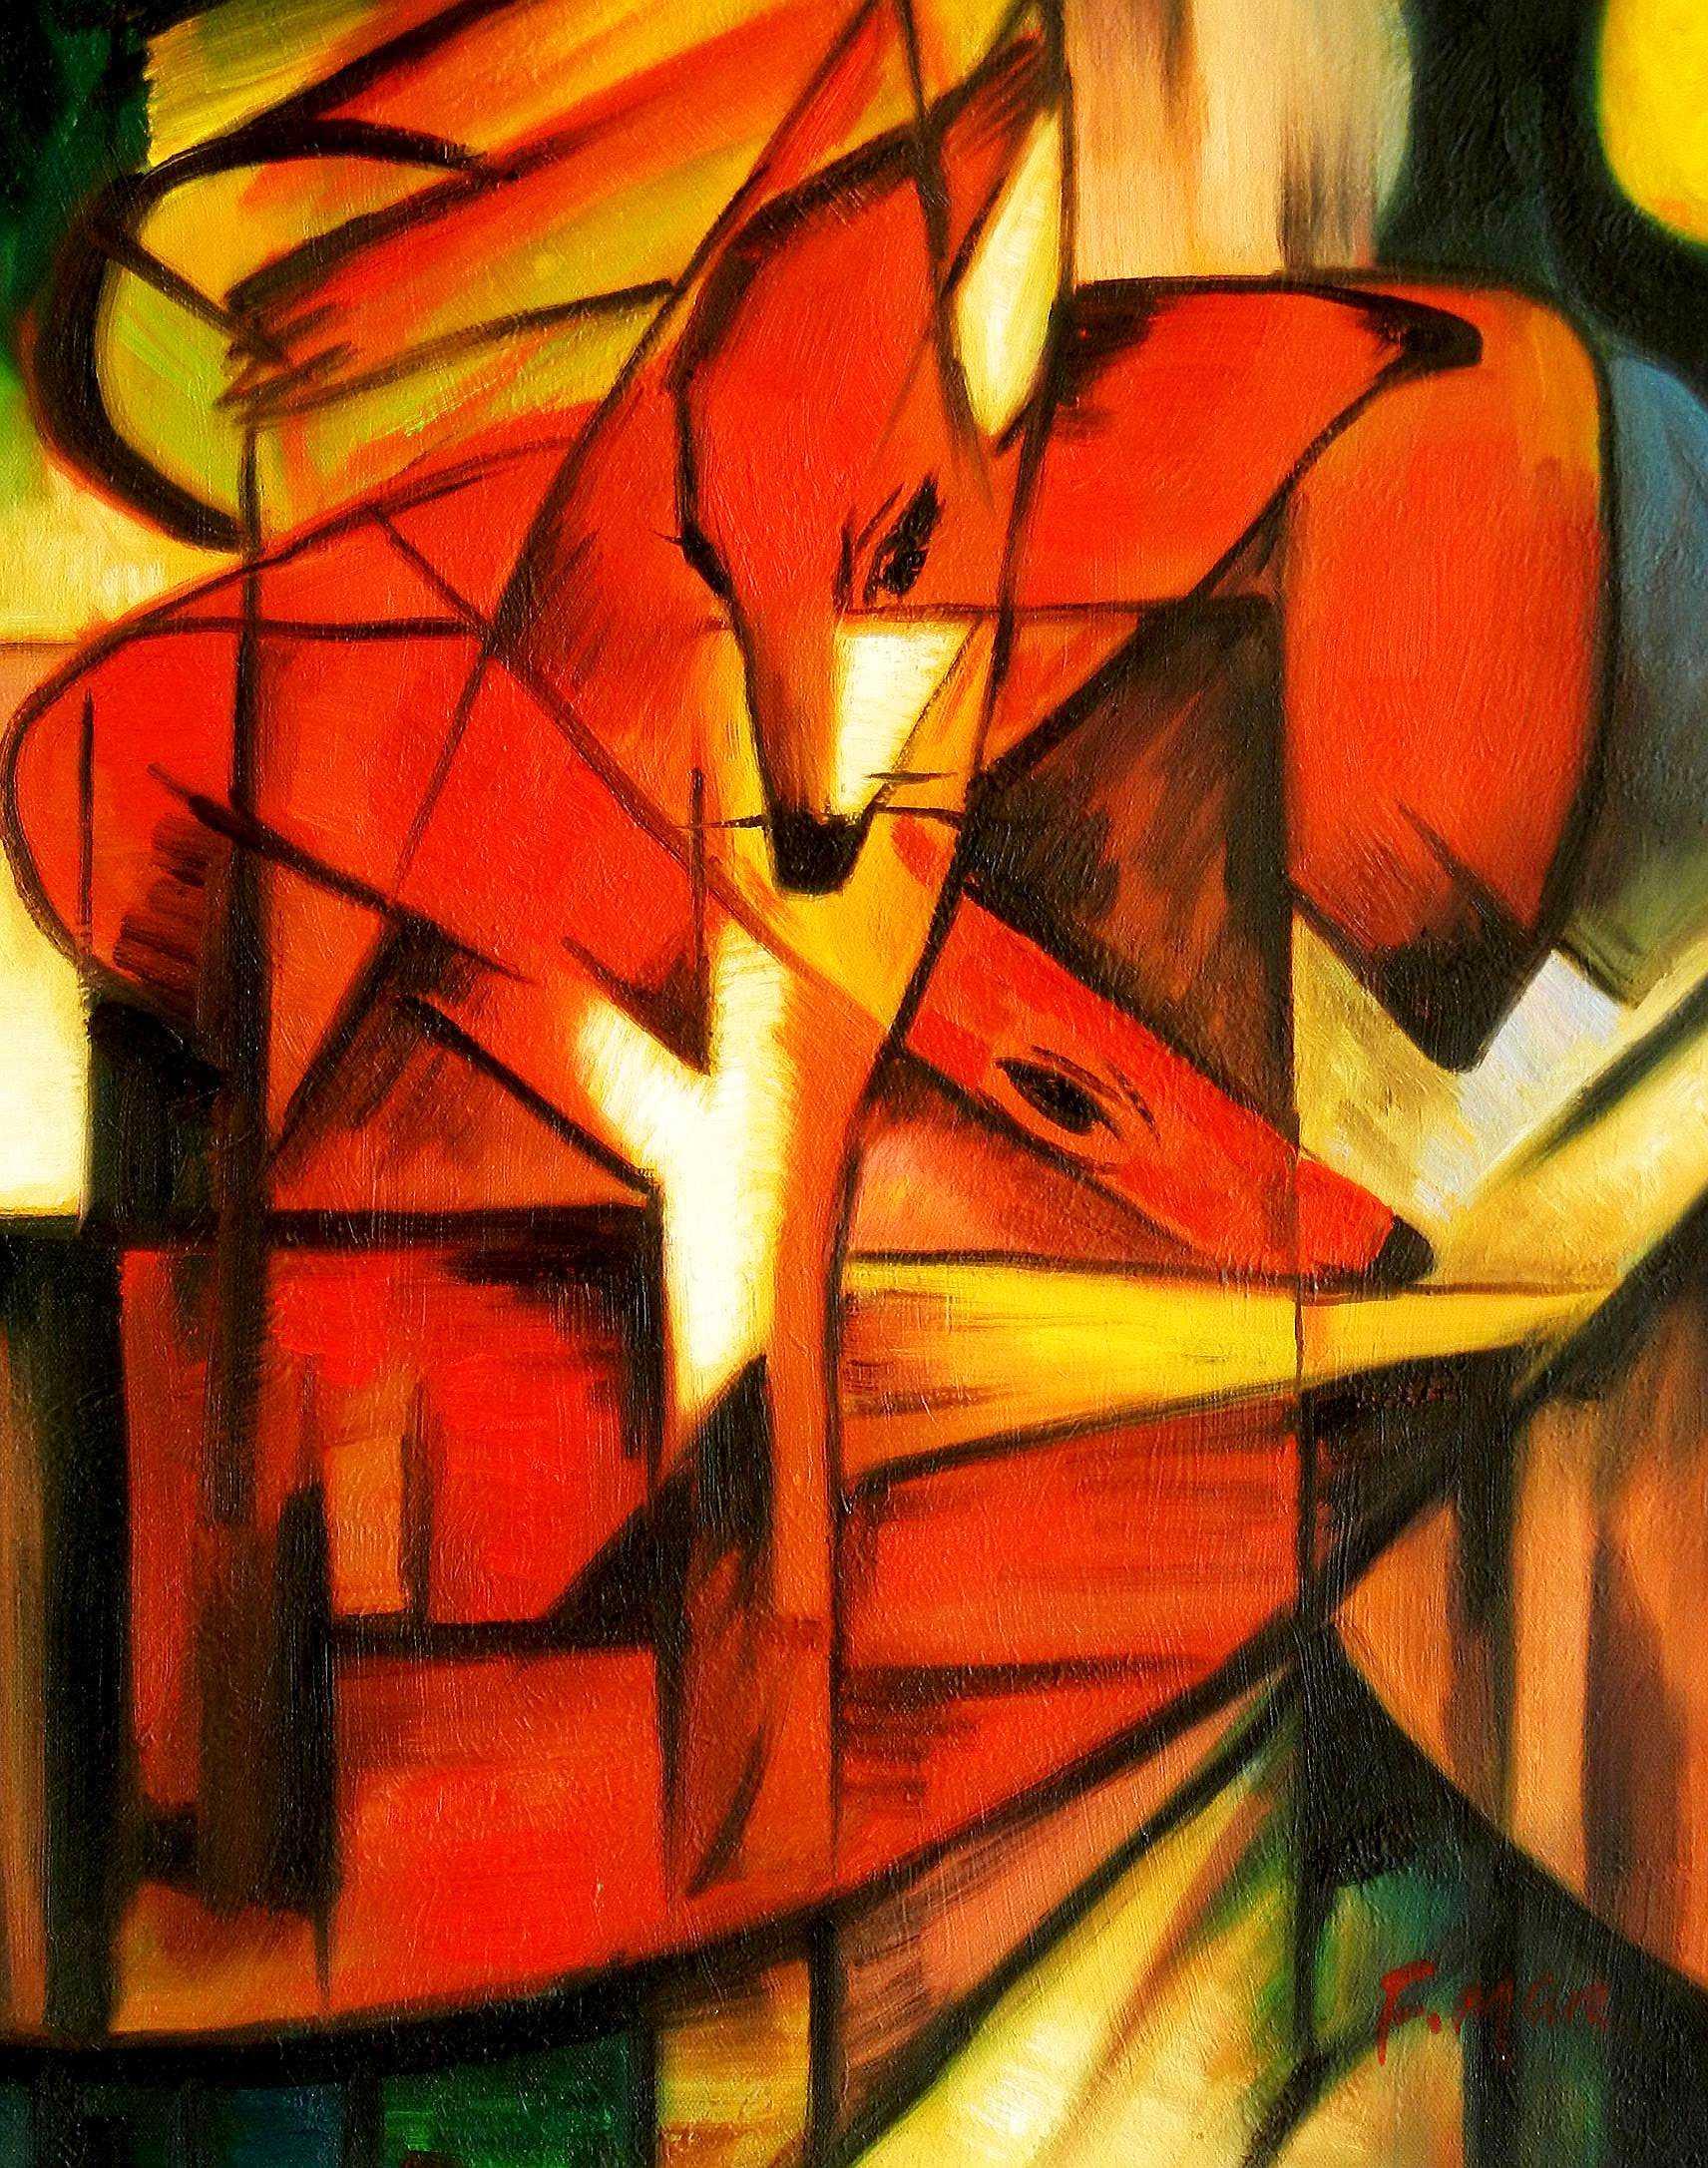 Franz Marc - Füchse b94799 40x50cm Expressionismus Ölgemälde handgemalt